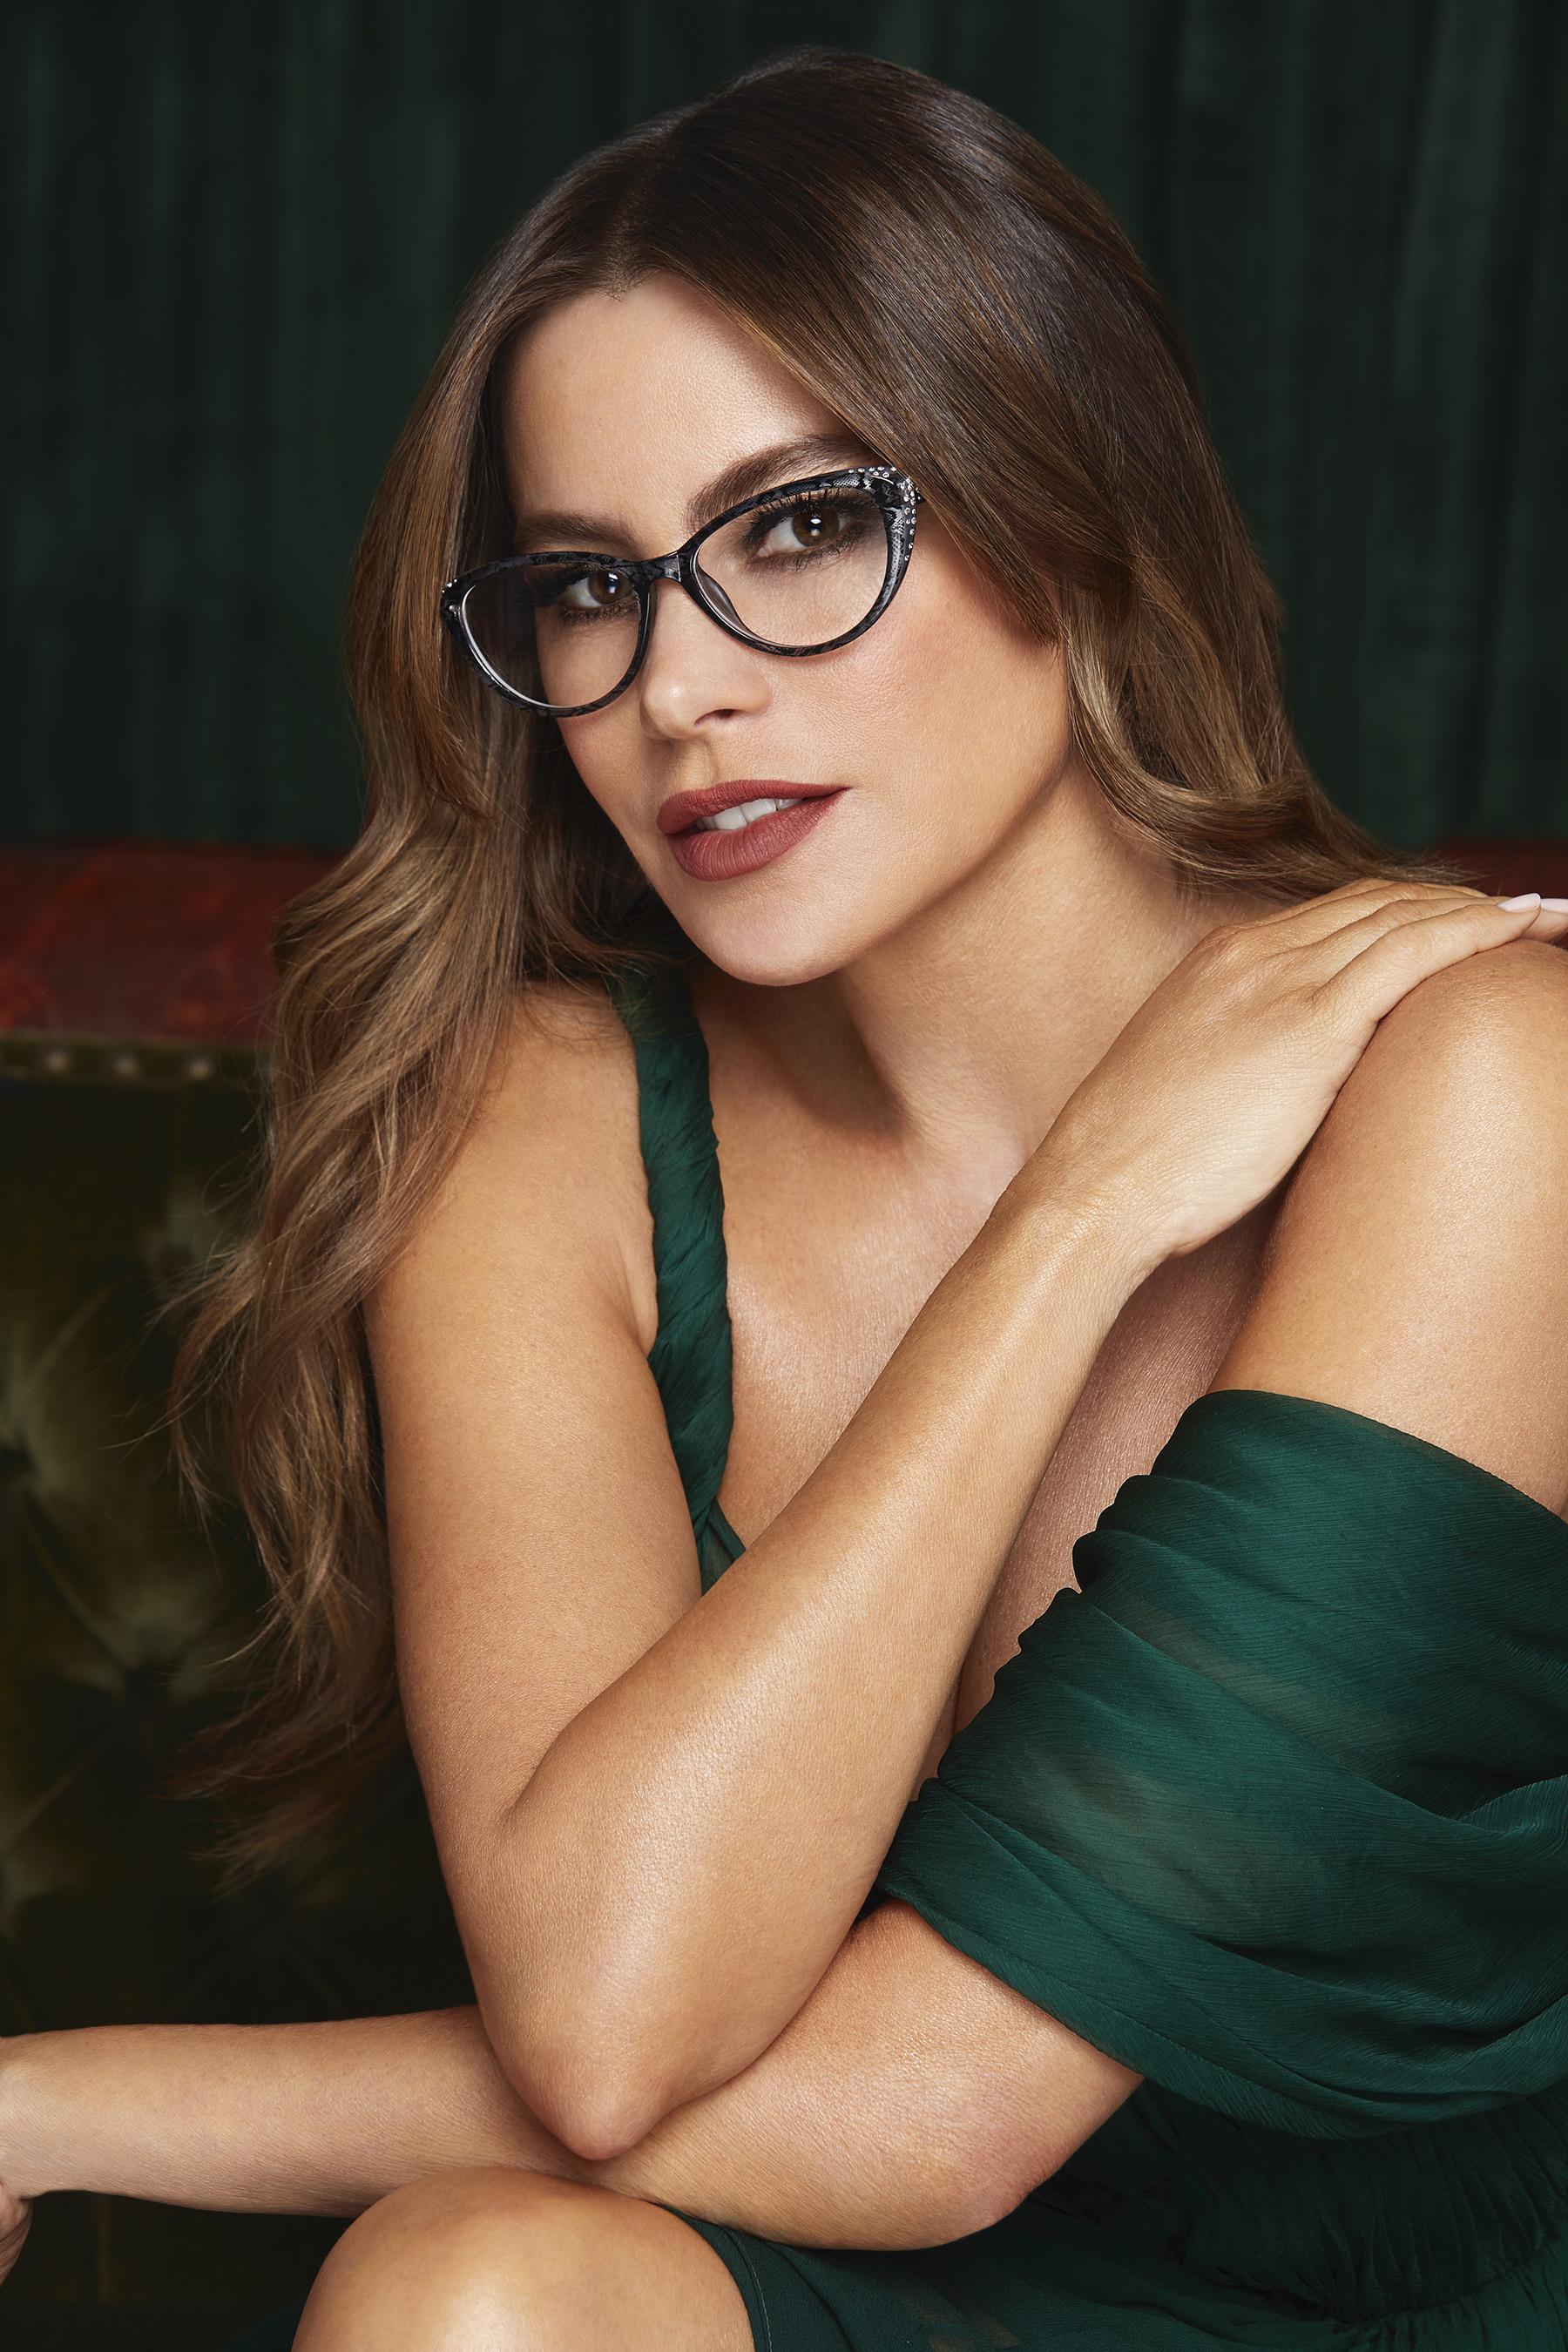 Sofia Vergara x Foster Grant